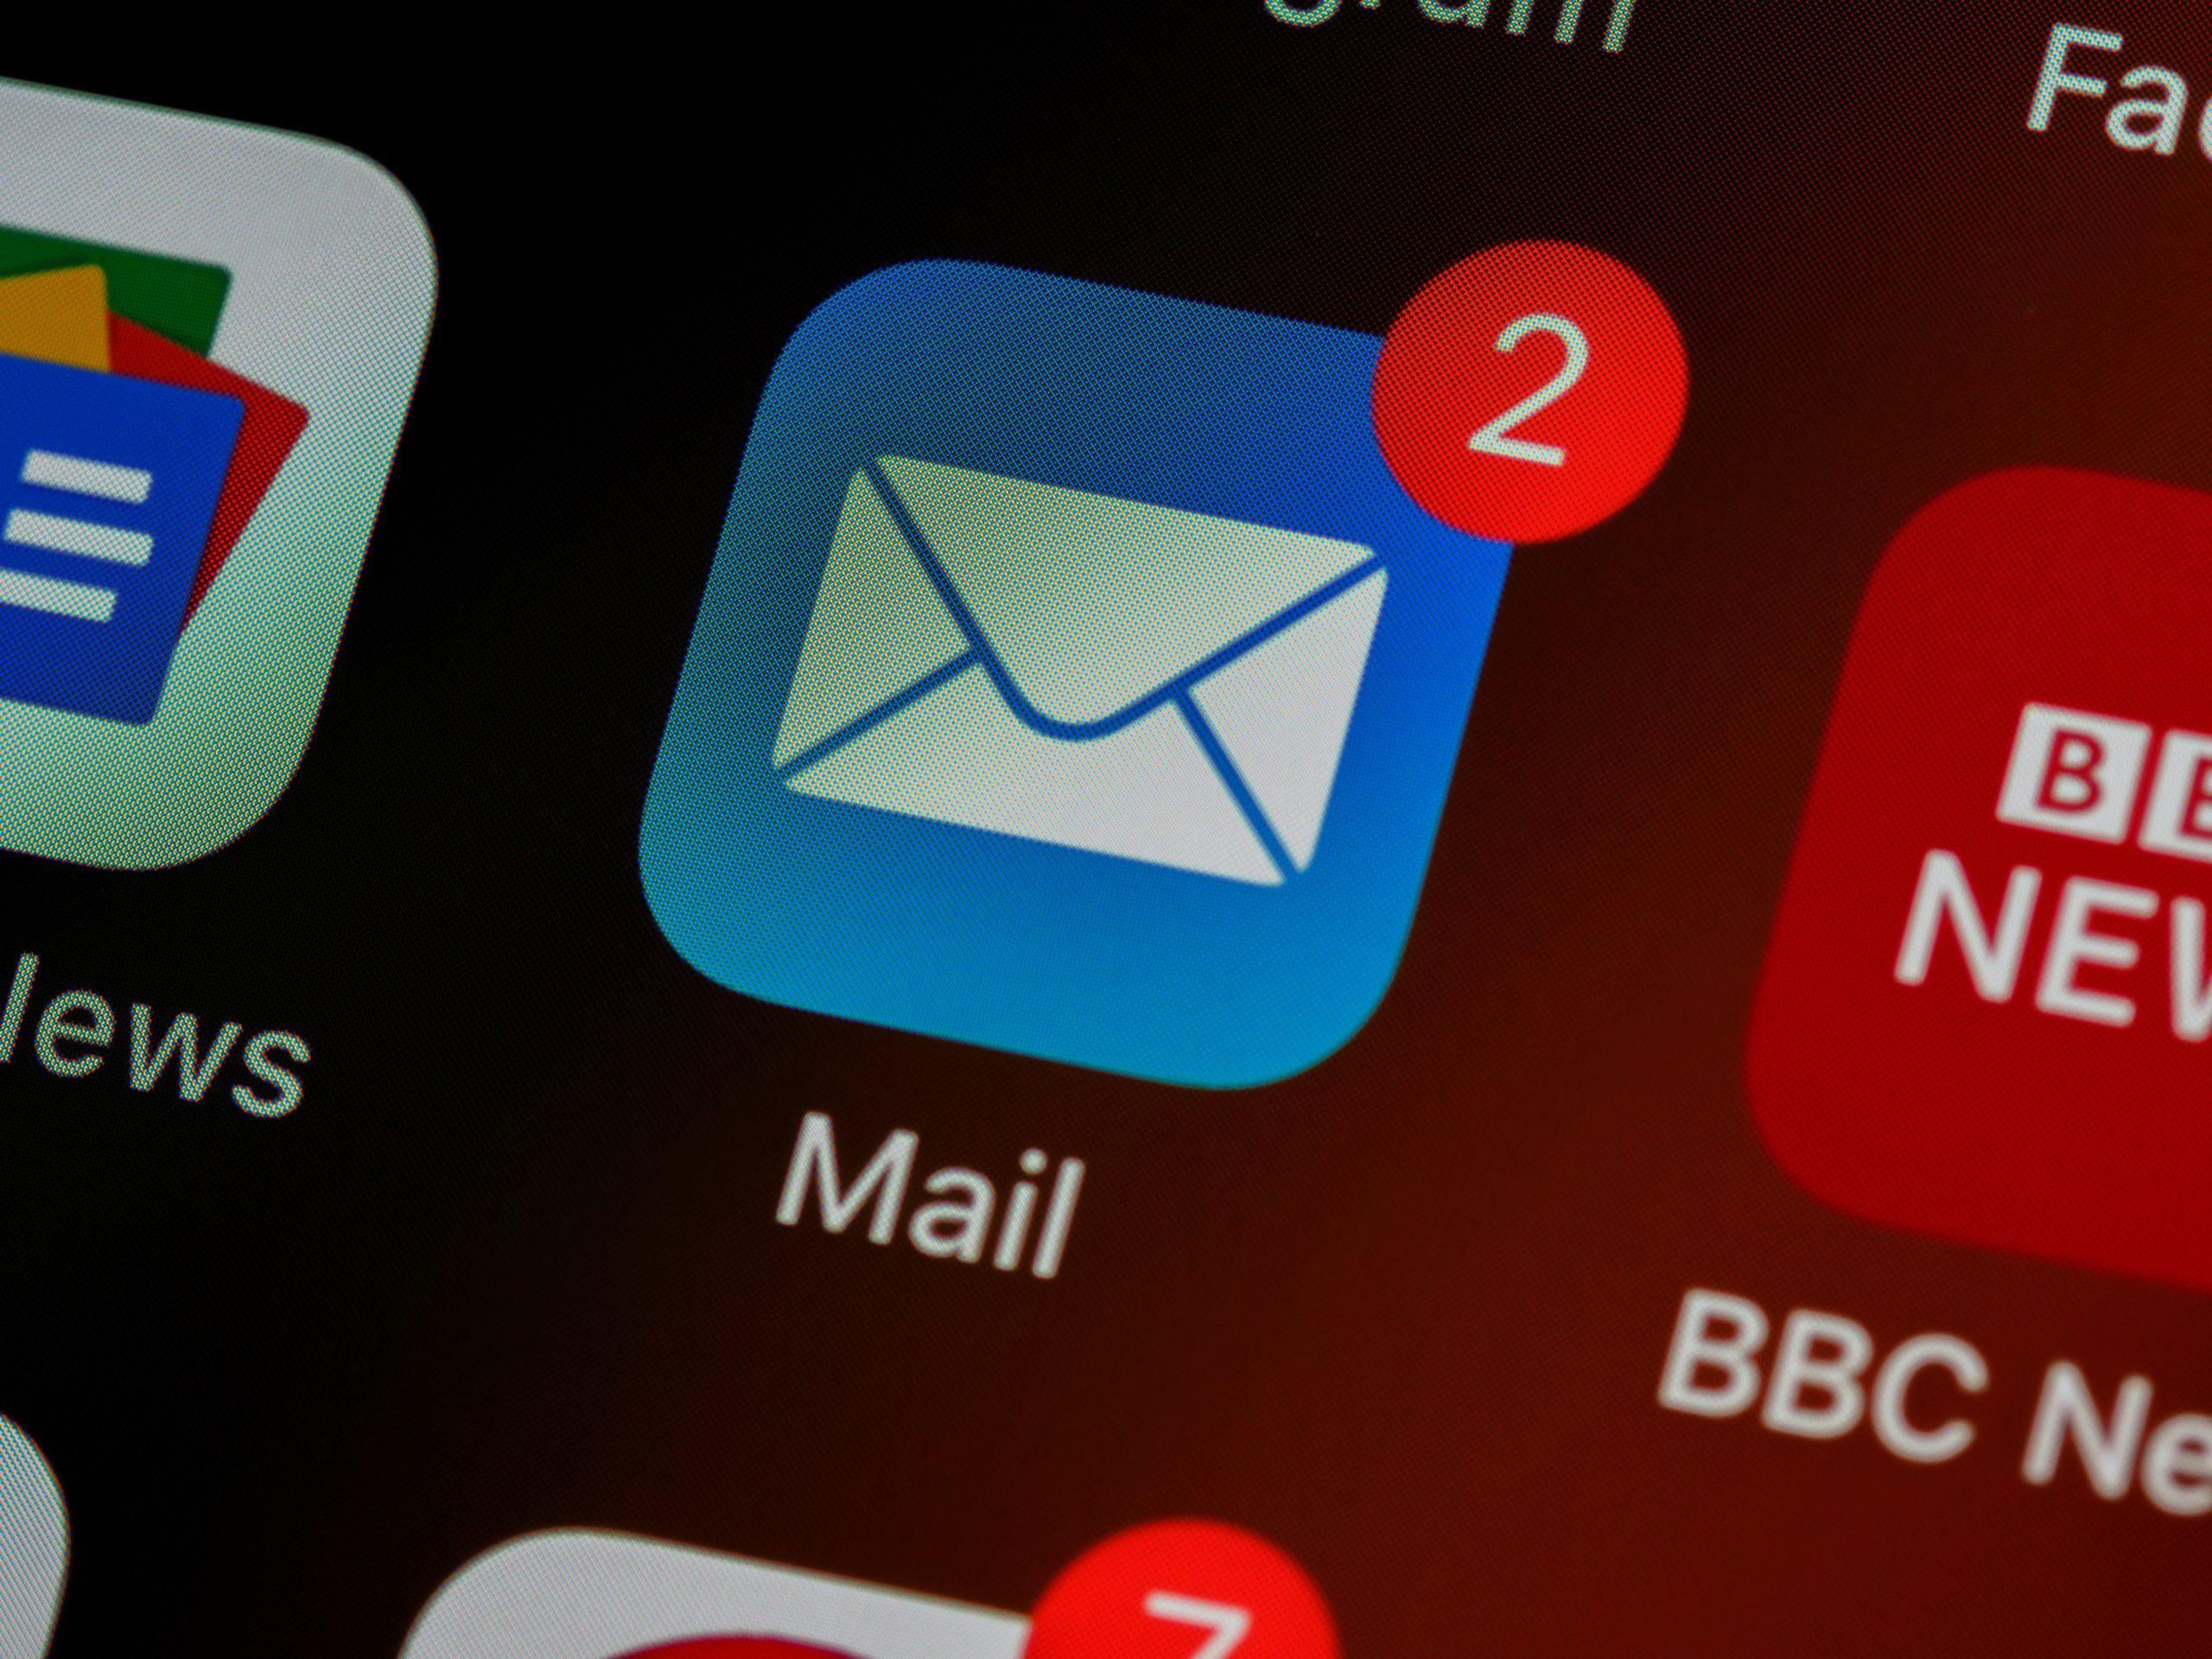 代表アドレスに届いたメールをGmail経由で担当者へ振り分け転送